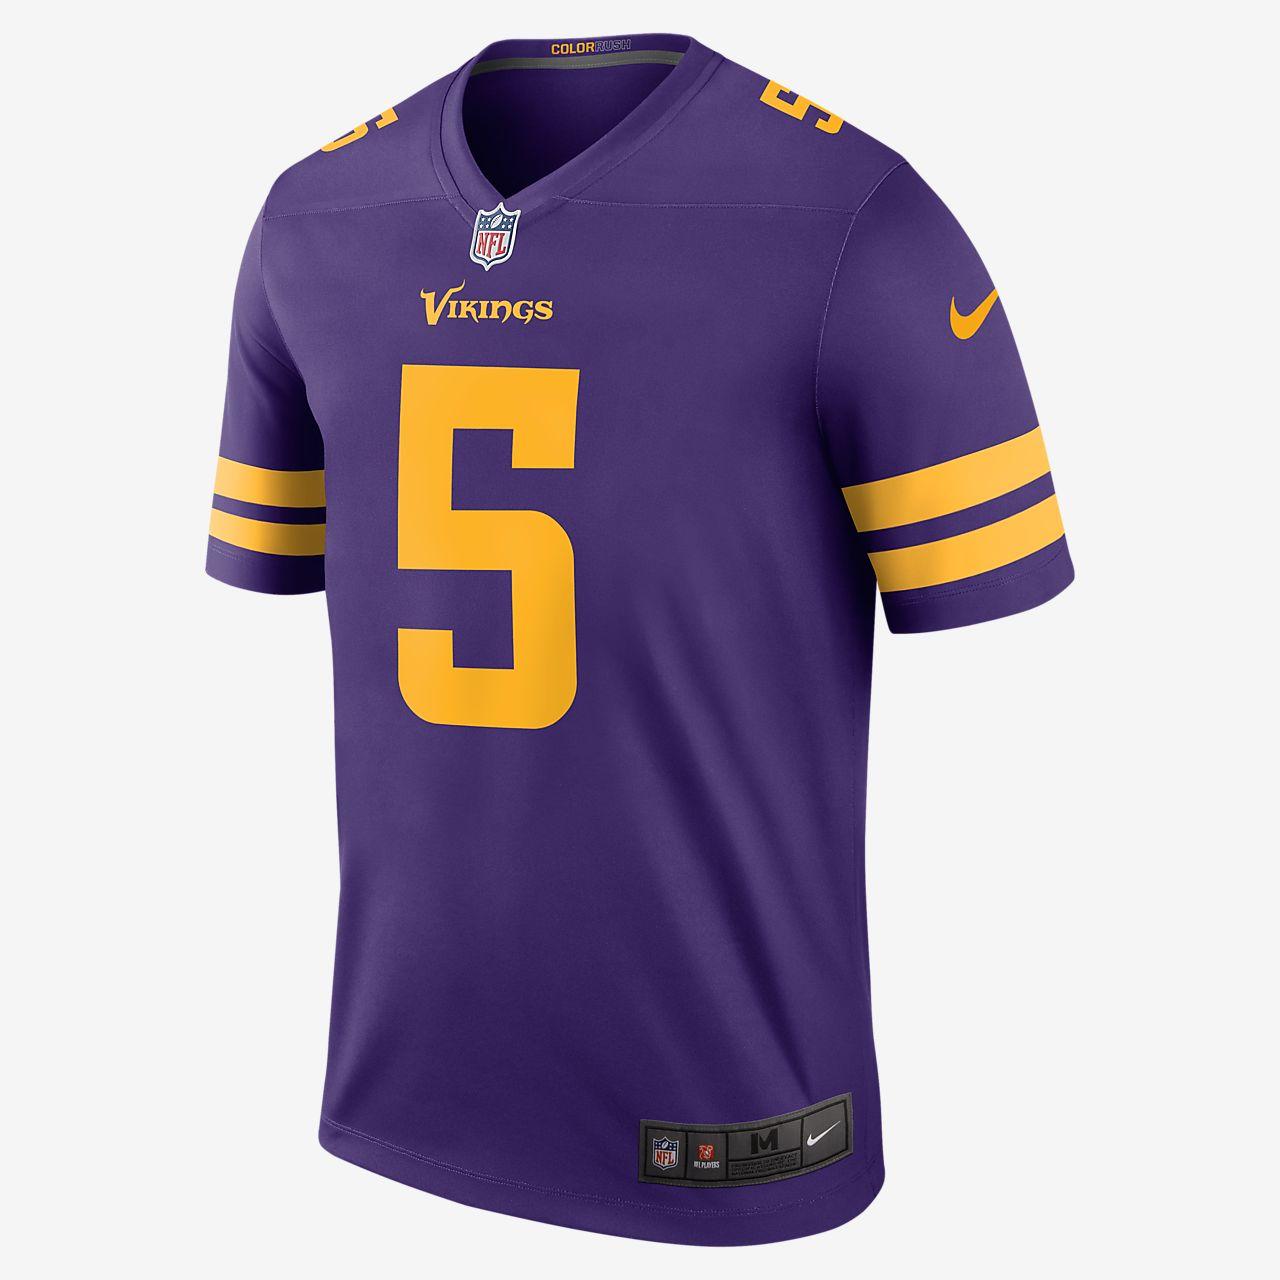 vikings color rush jersey